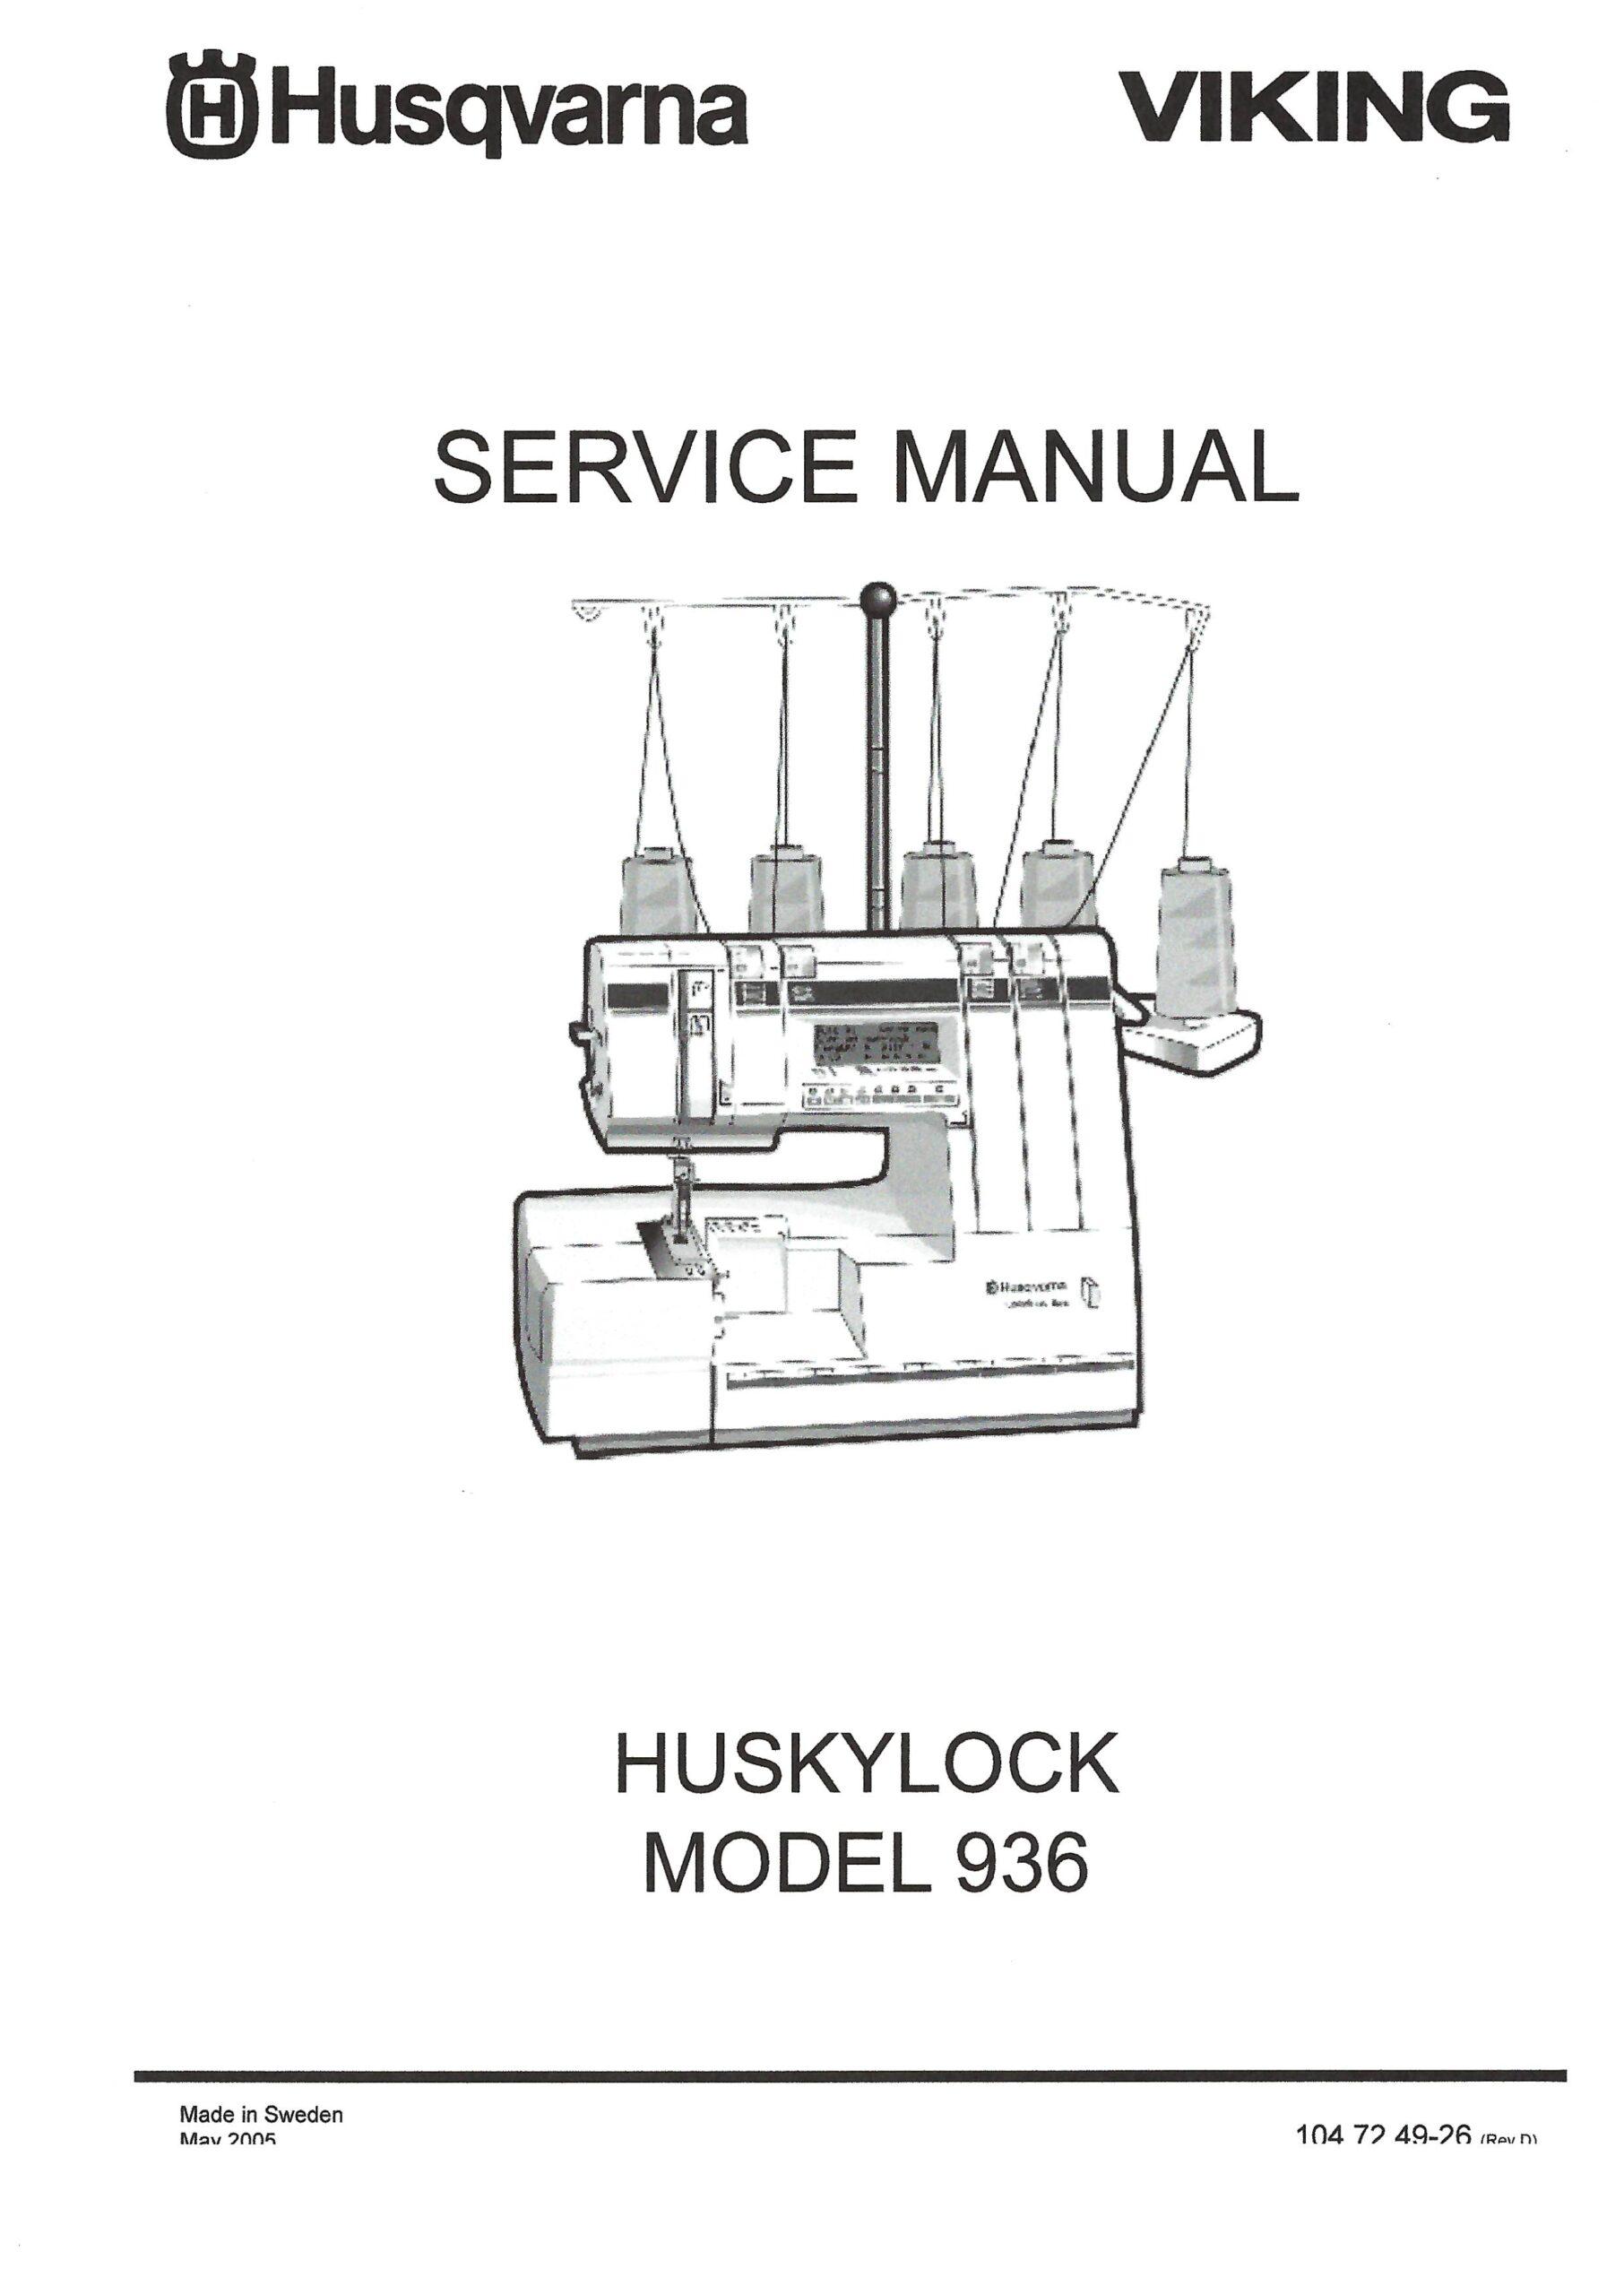 Service Manual Viking Huskylock 936 Serger Machine